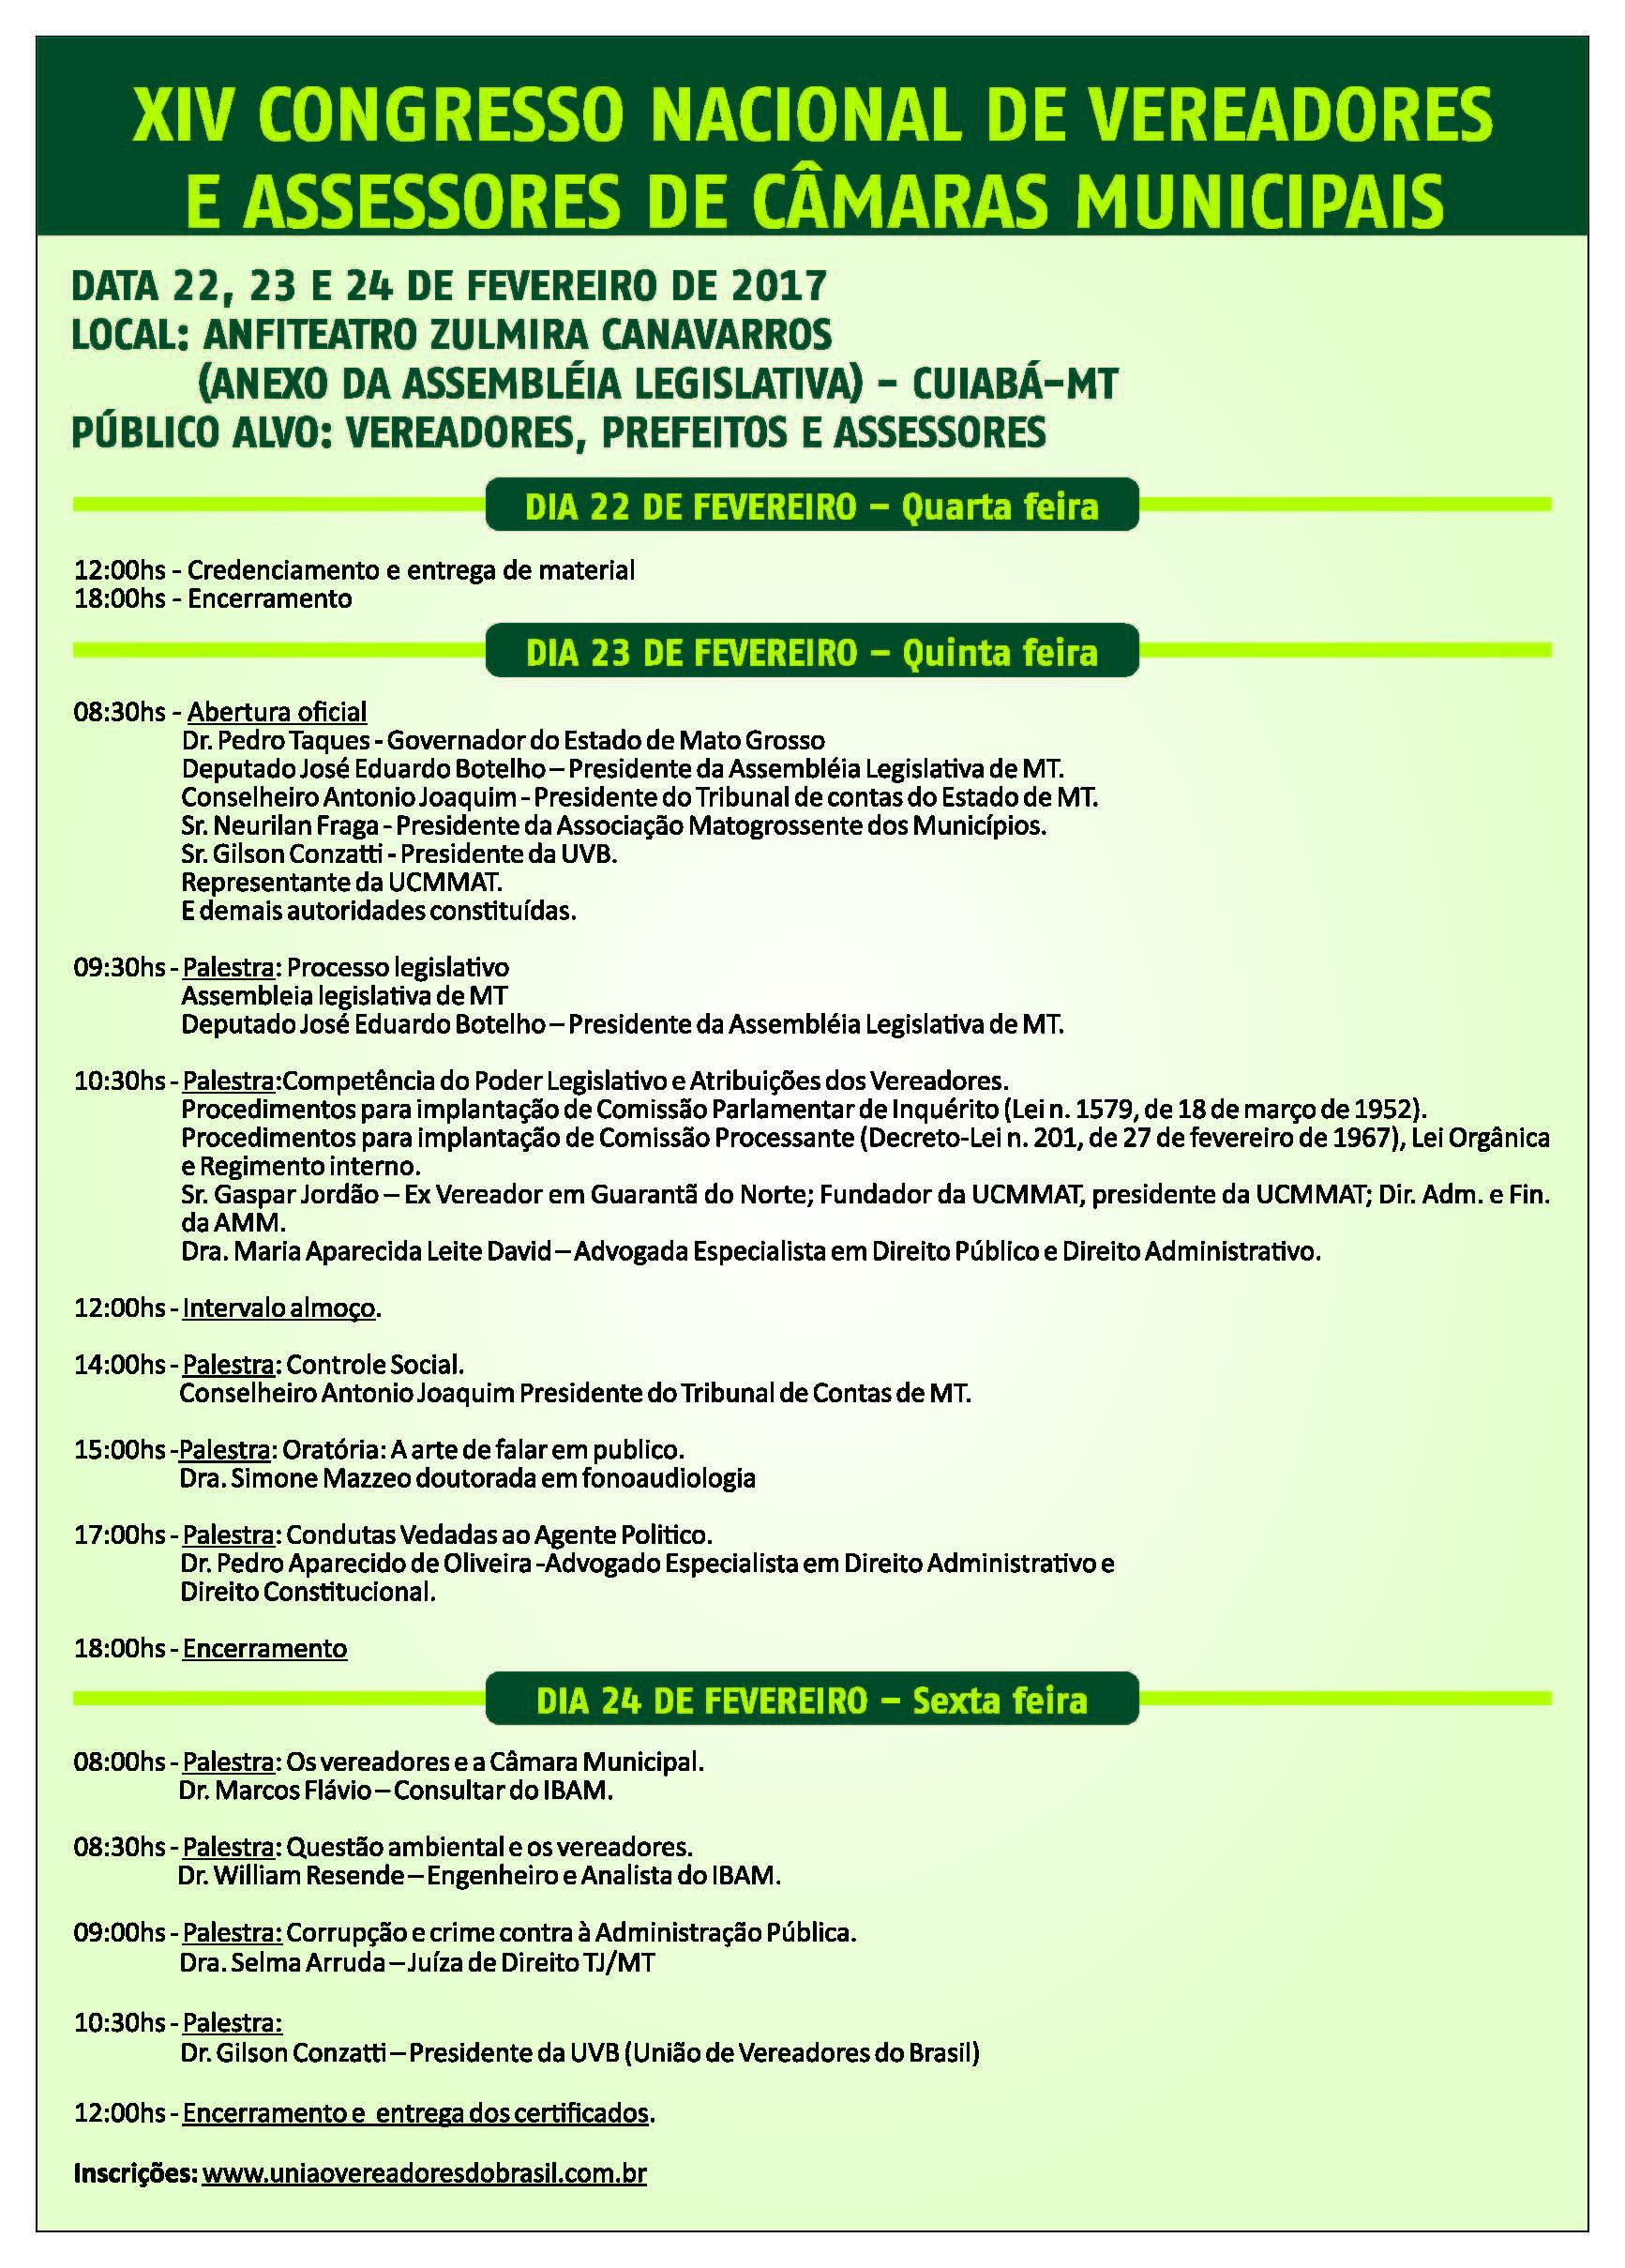 XIV CONGRESSO NACIONAL DE VEREADORES 2_Page_2 Y